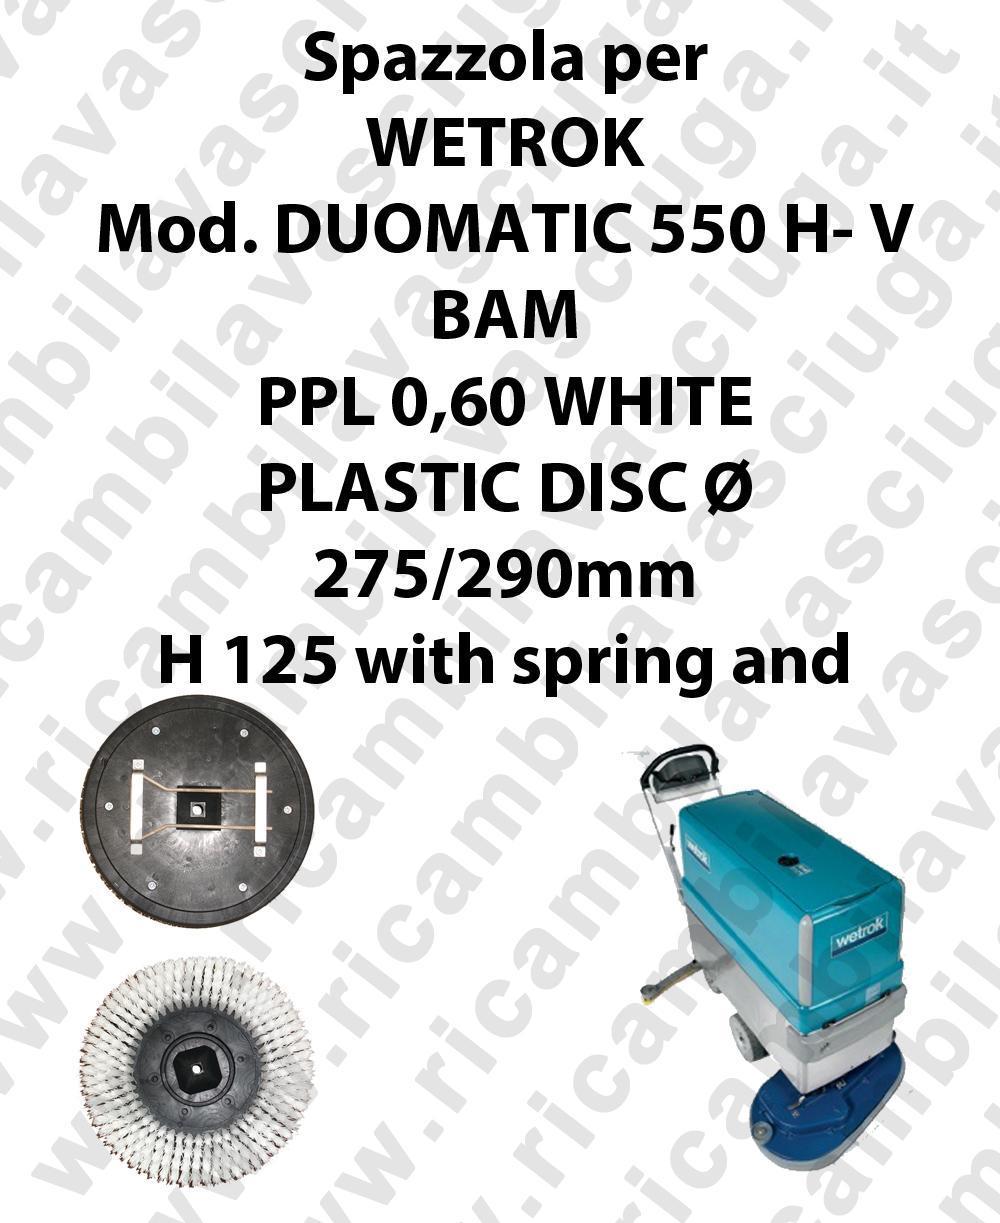 Cleaning Brush PPL 0,60 WHITE for scrubber dryer WETROK Model DUOMATIC 550 H-V BAM